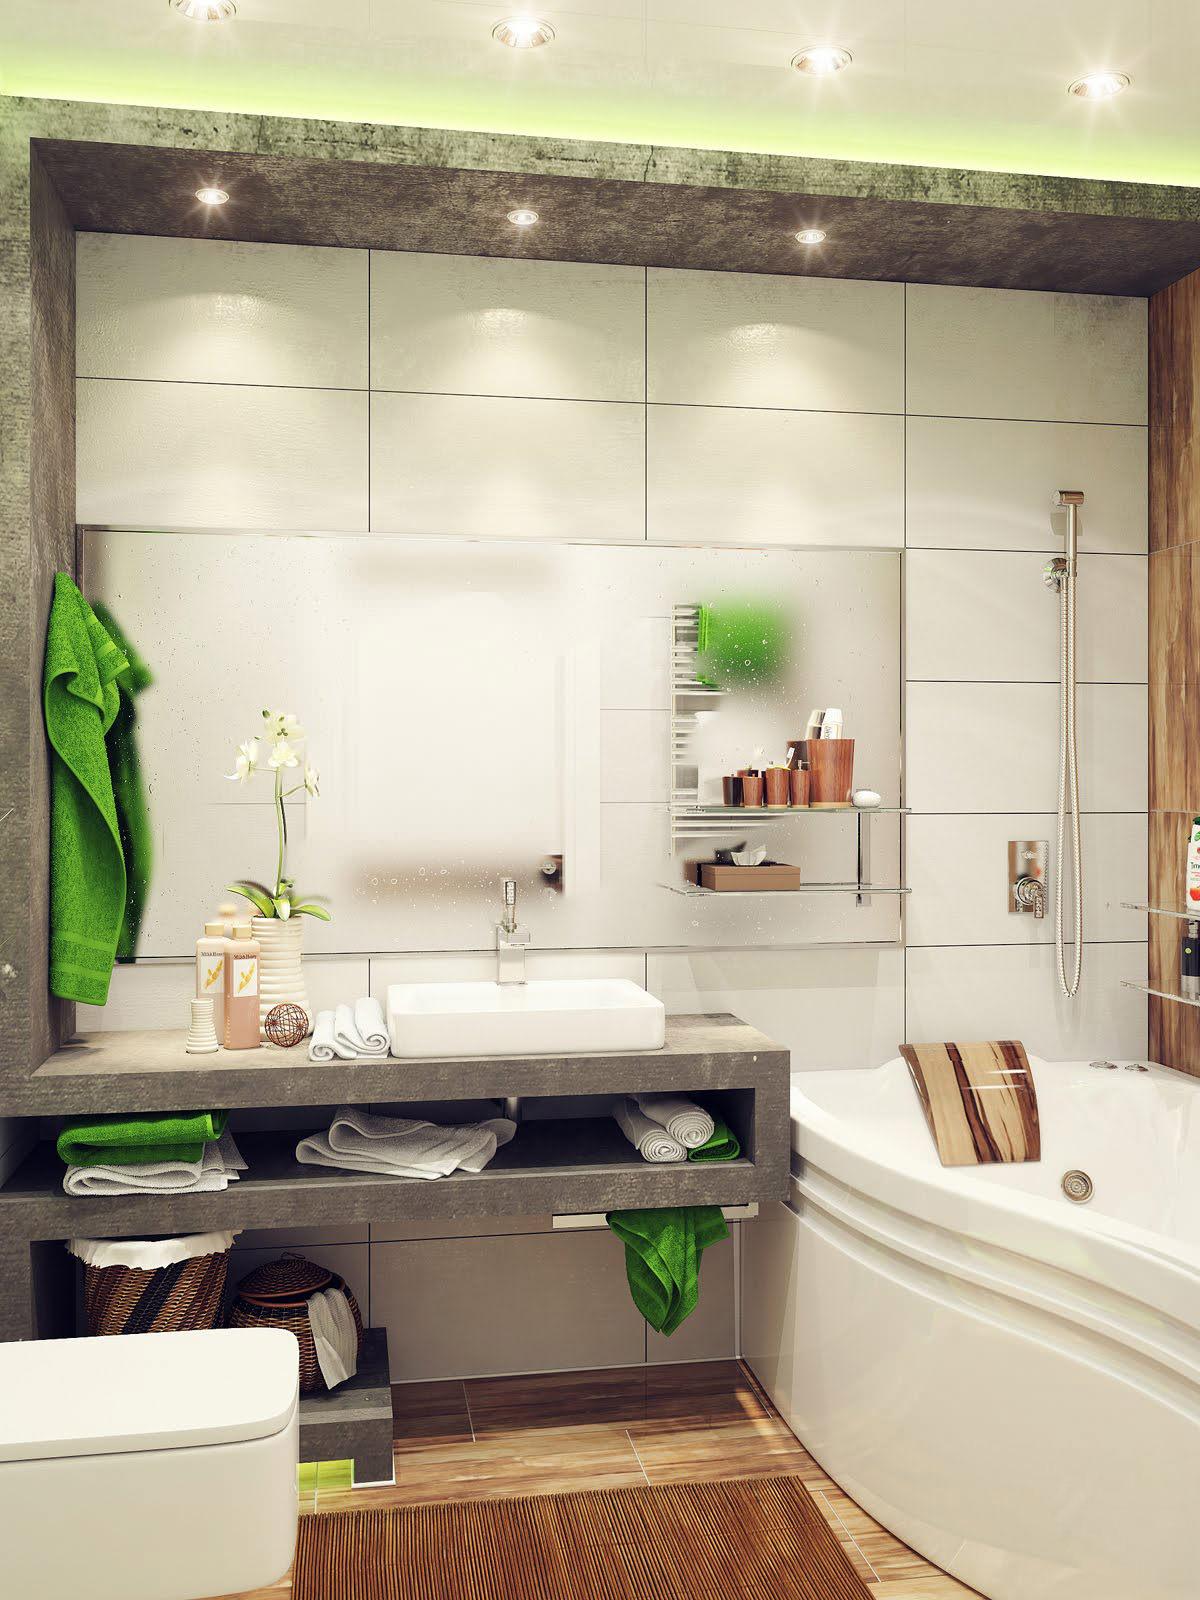 Кафельная белая плитка в отделке ванной комнаты